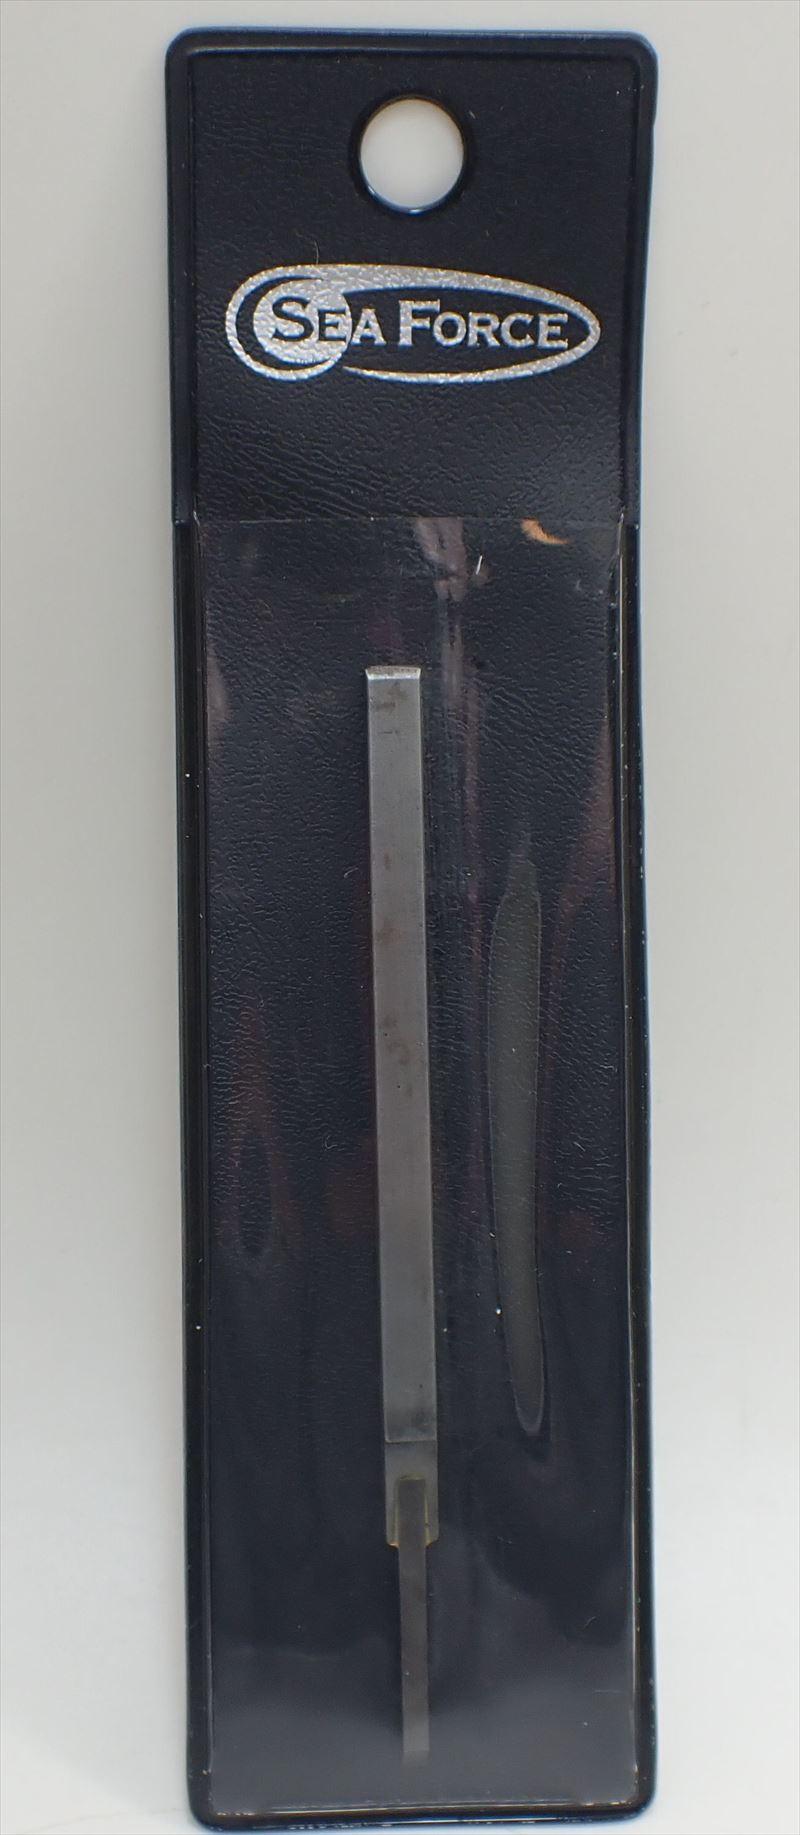 tga20 S&F 超硬片切 たがね 2.0 mm